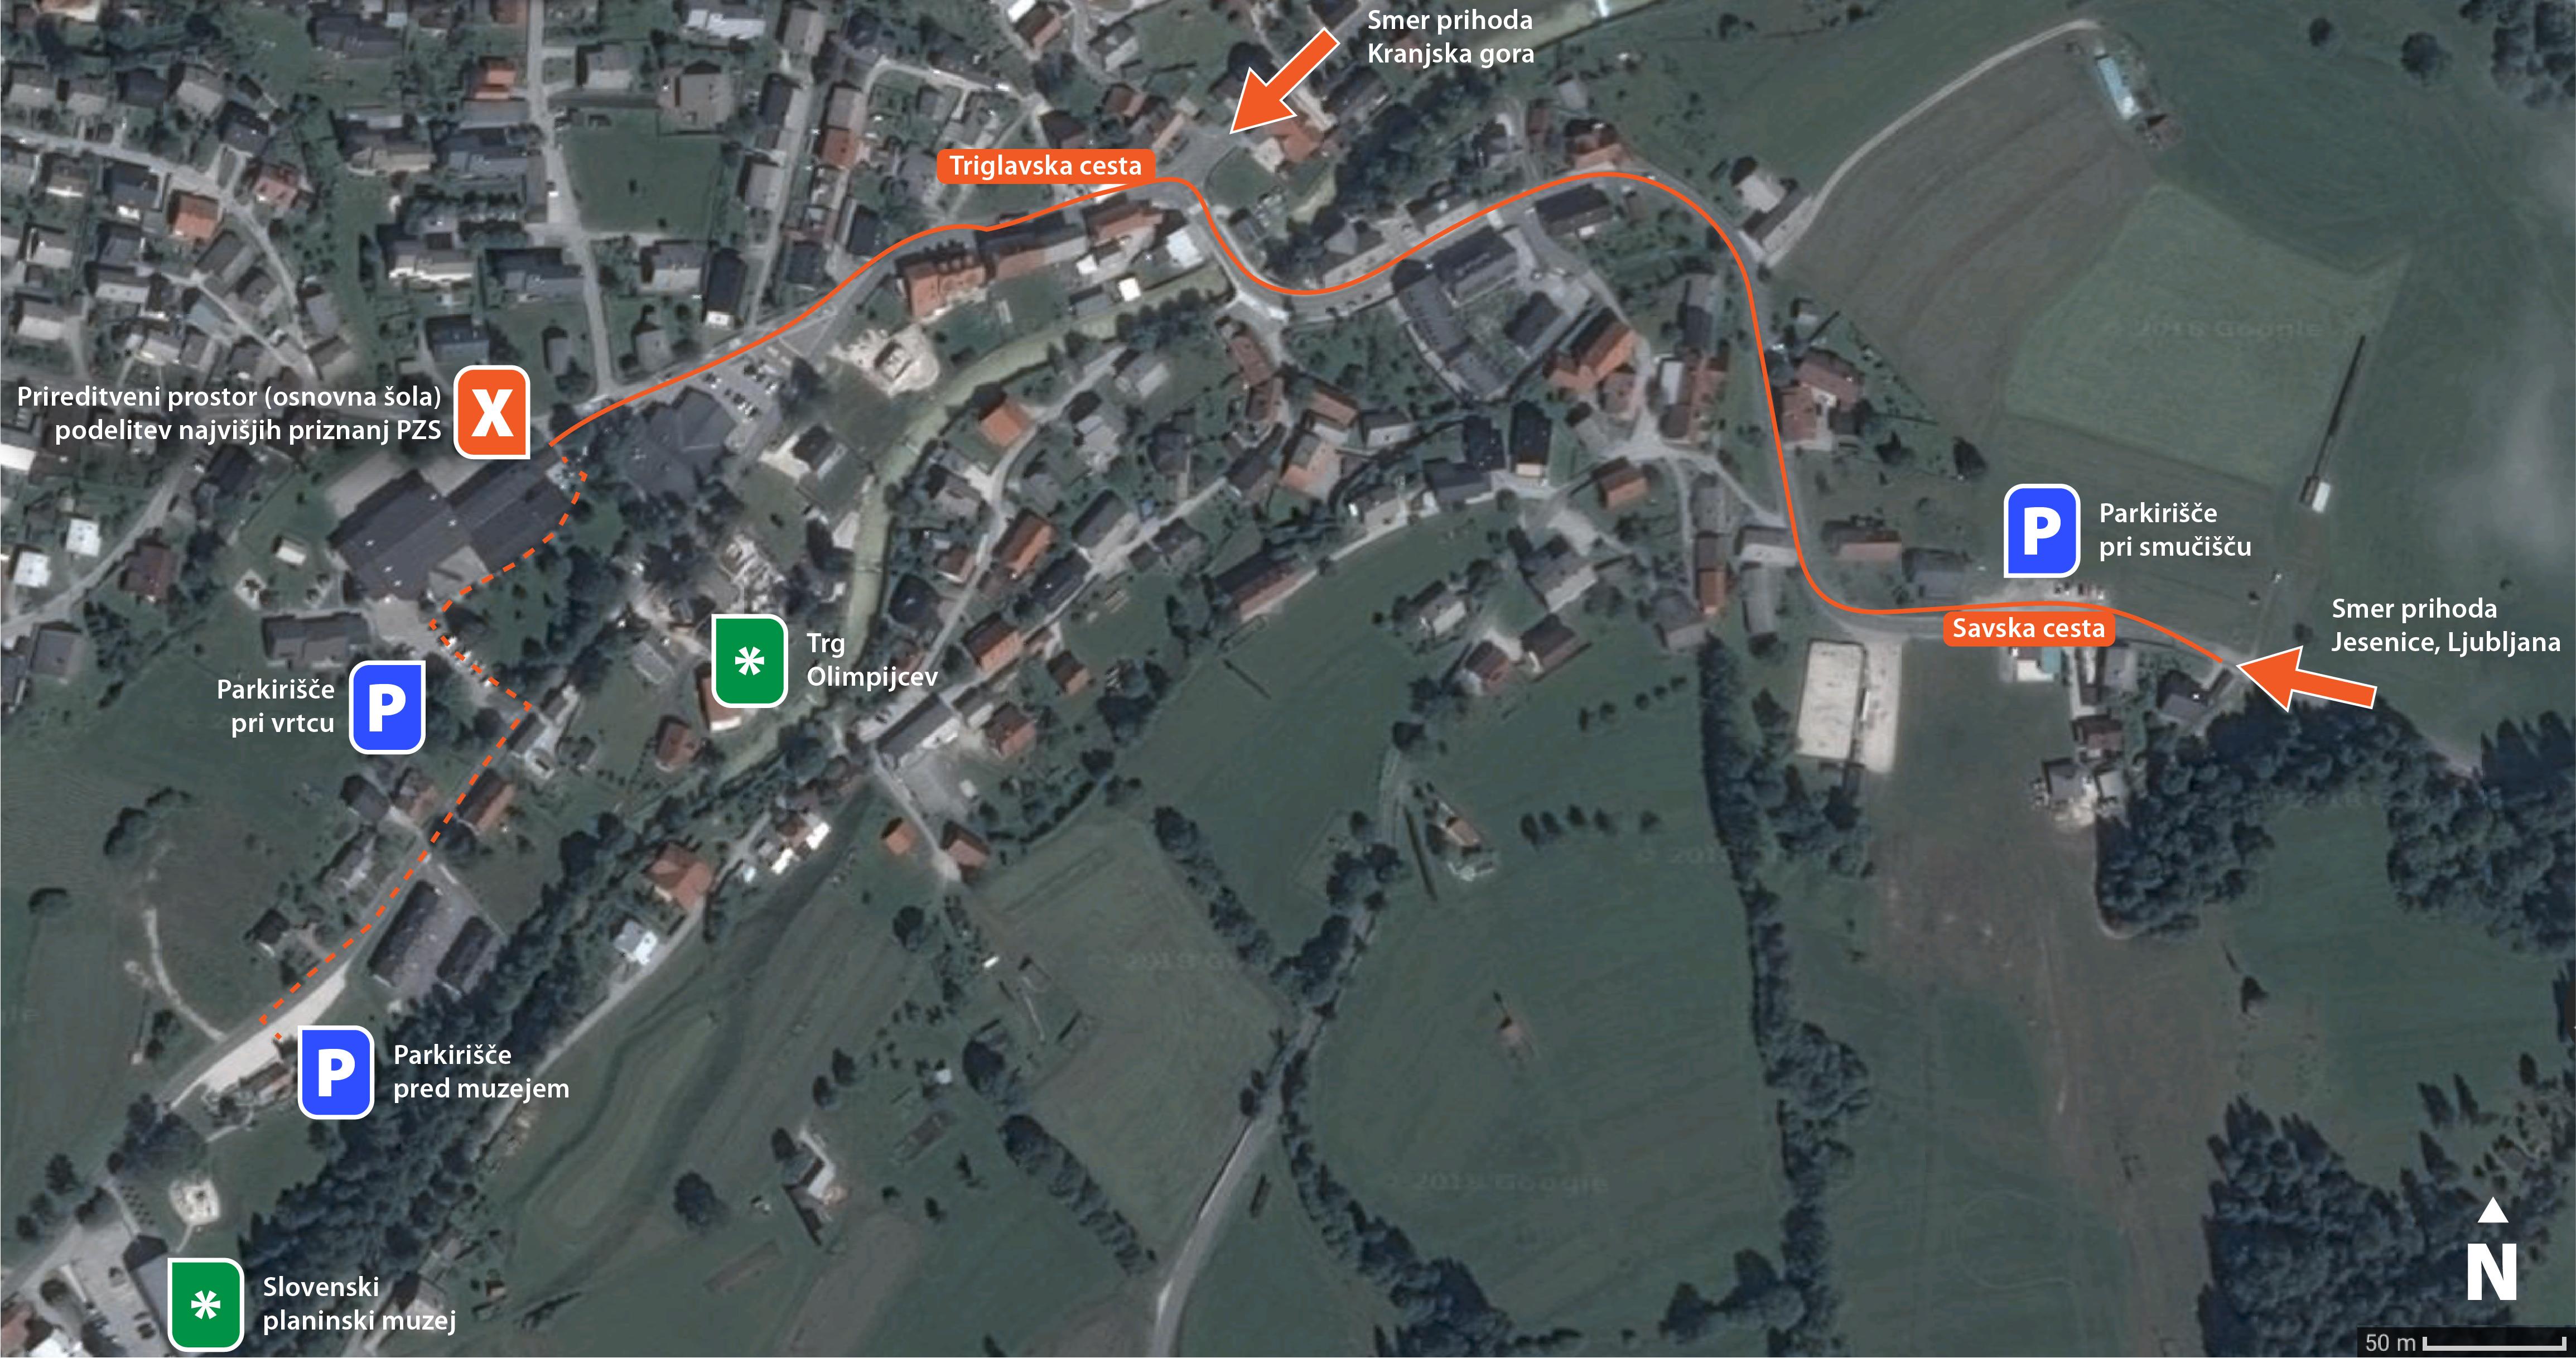 zemljevid_podelitev_PZS_2018